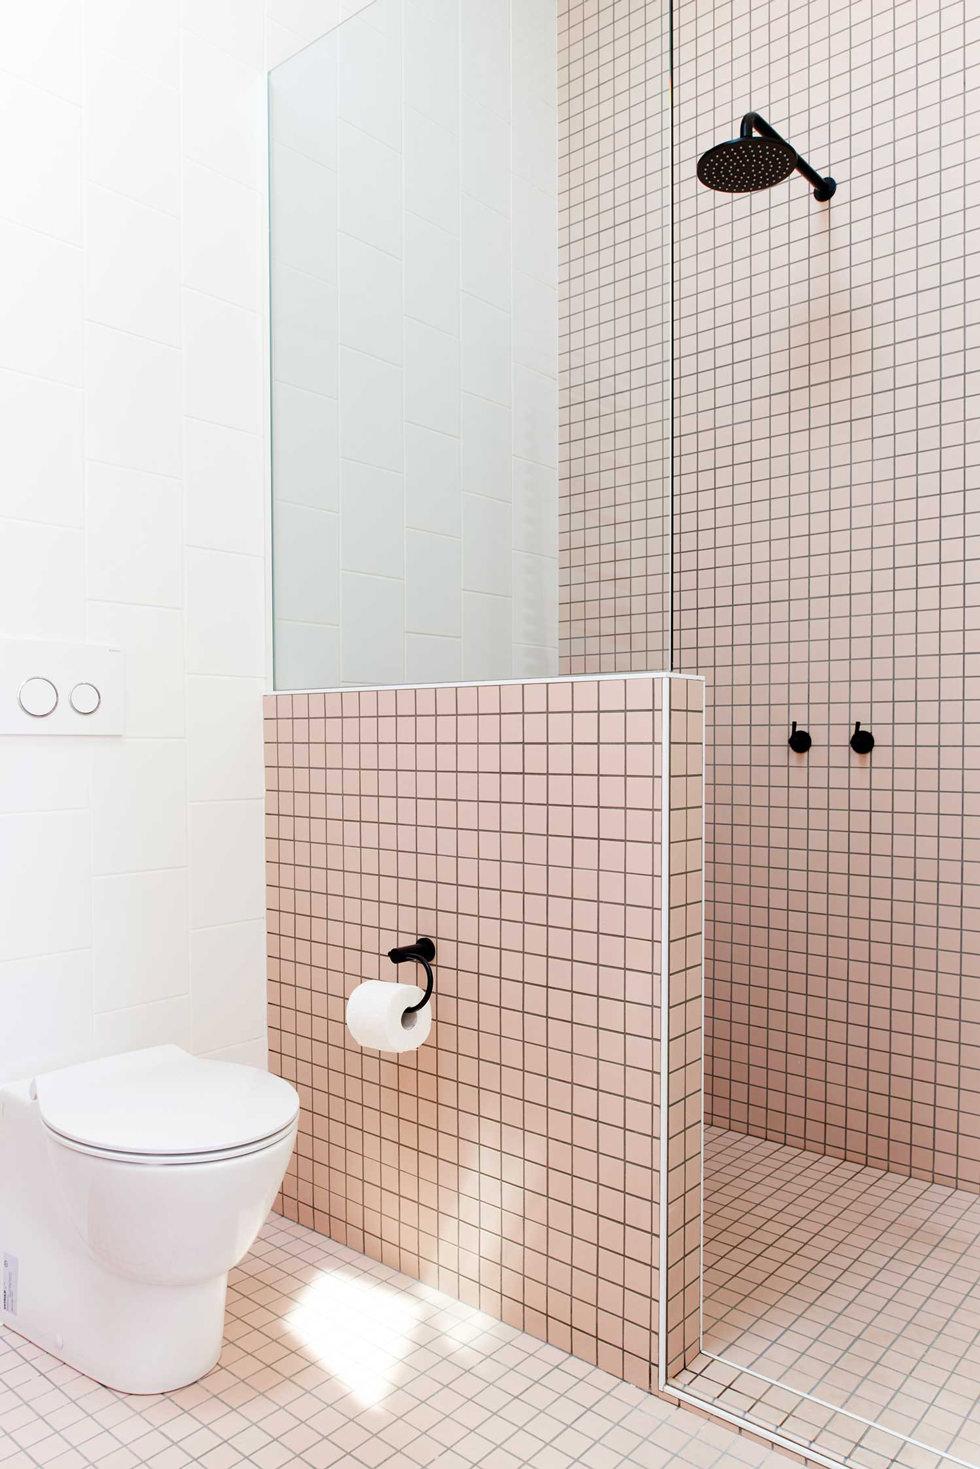 Piastrelle Bagno Mosaico Viola bagno con pavimenti e rivestimenti in mosaico • 100 idee